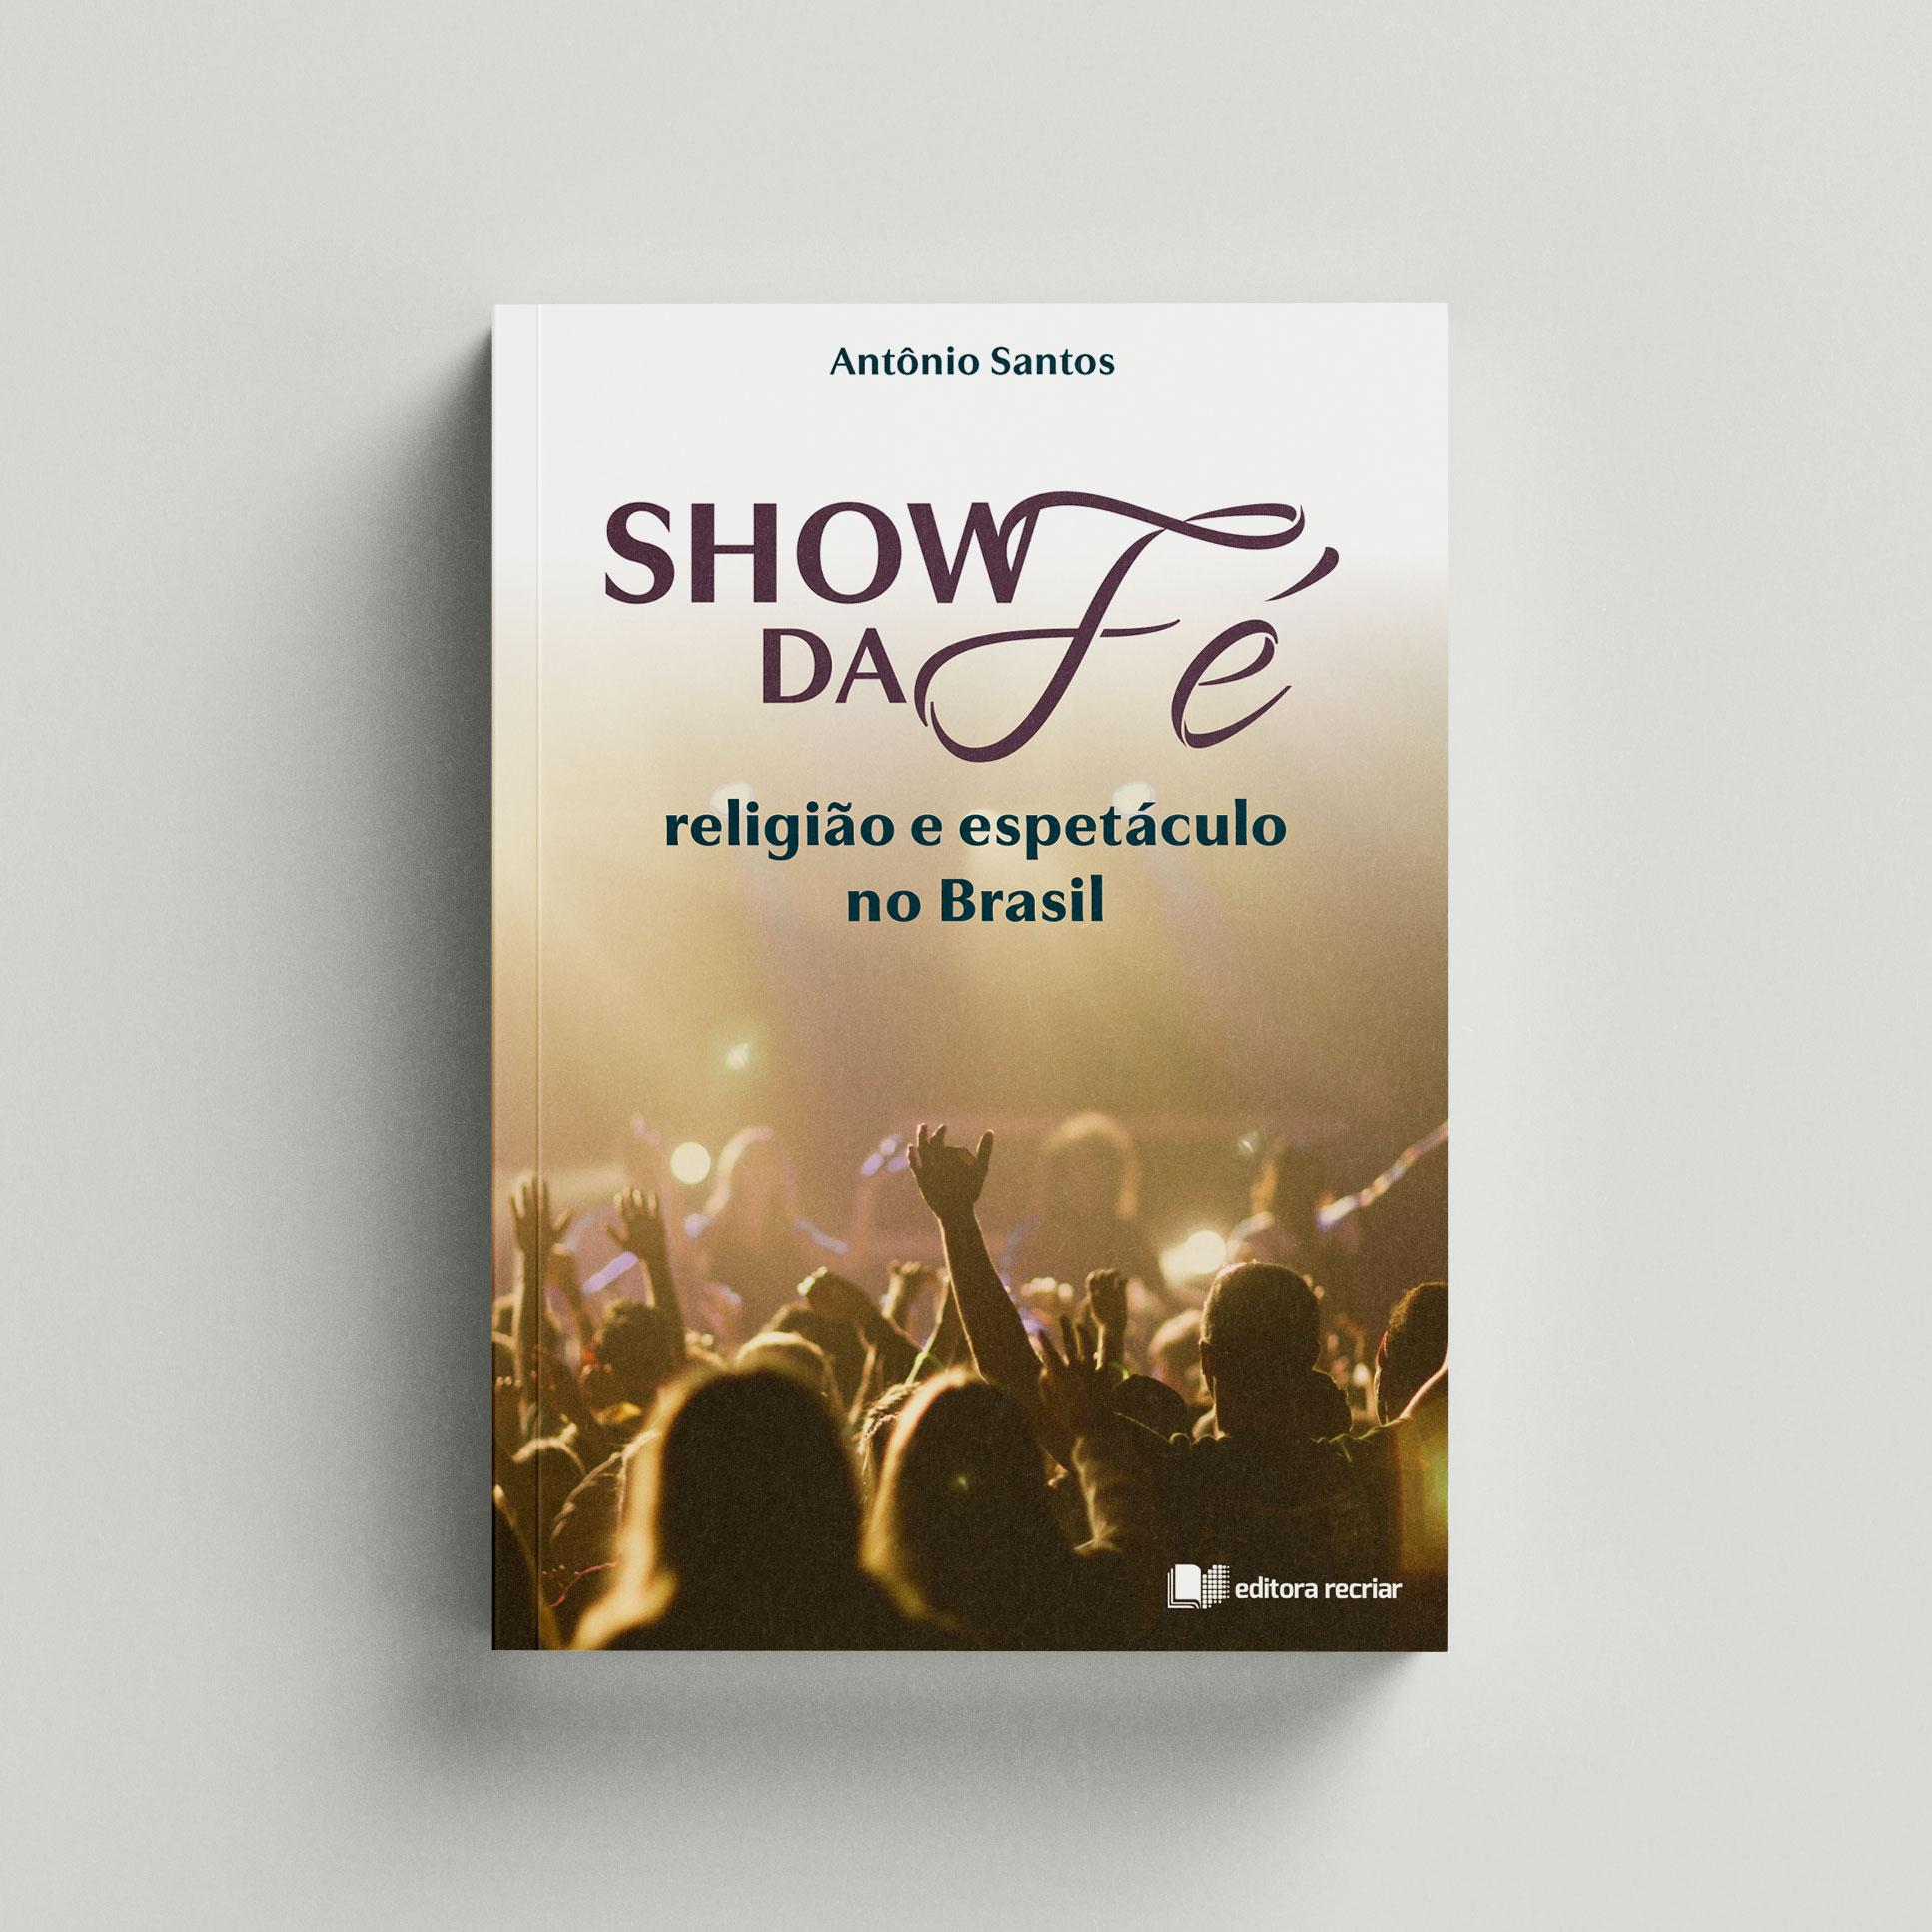 Show da Fé - Antônio Santos